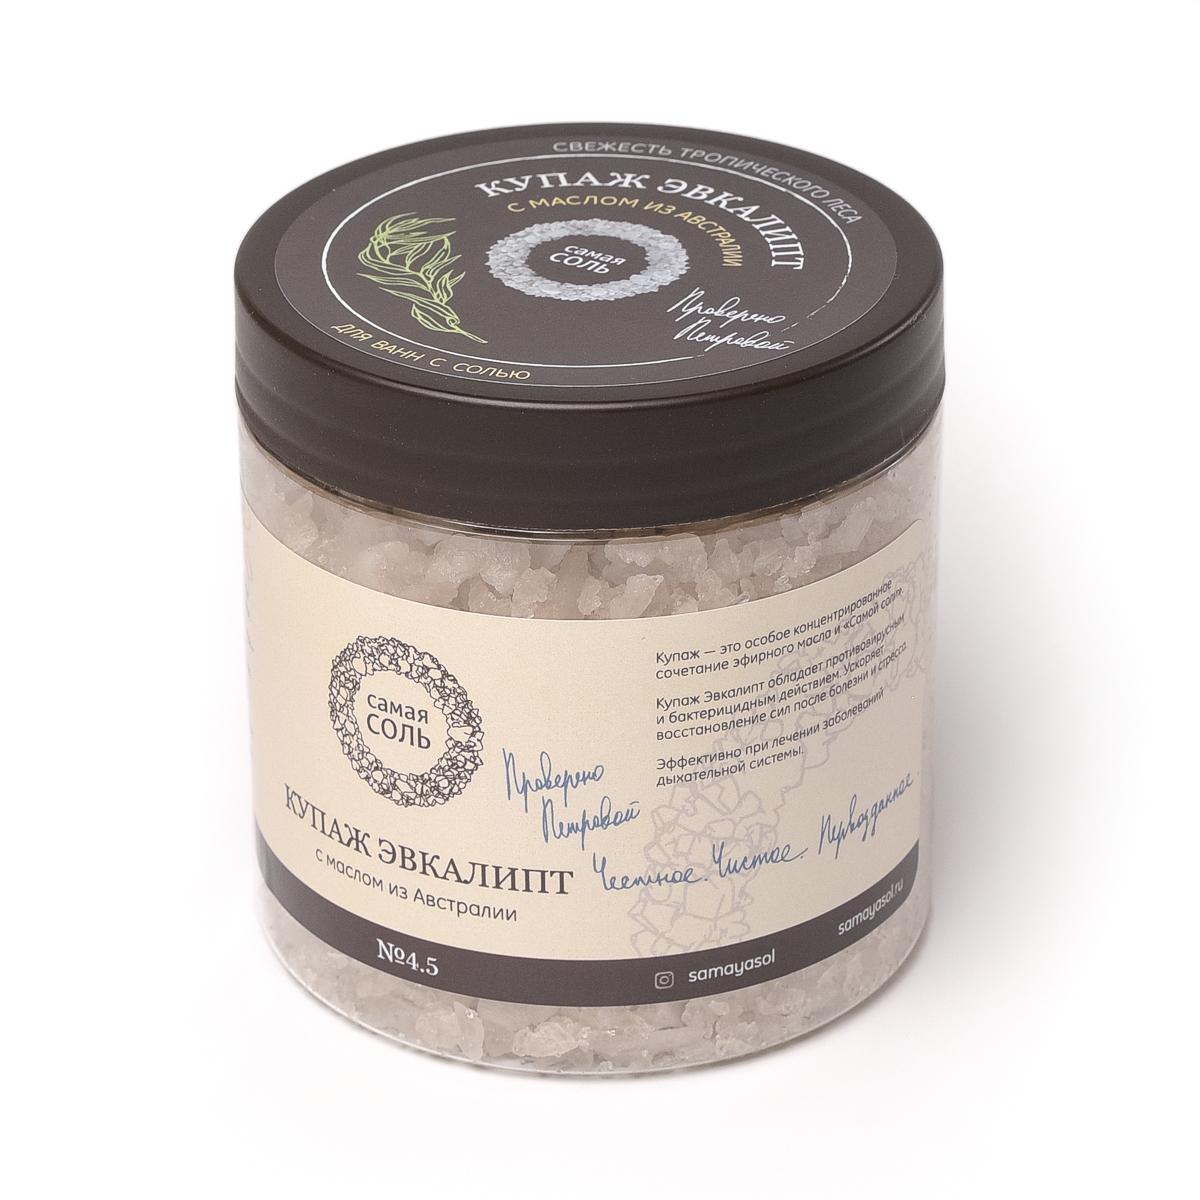 Купаж Эвкалипт с маслом из Австралии